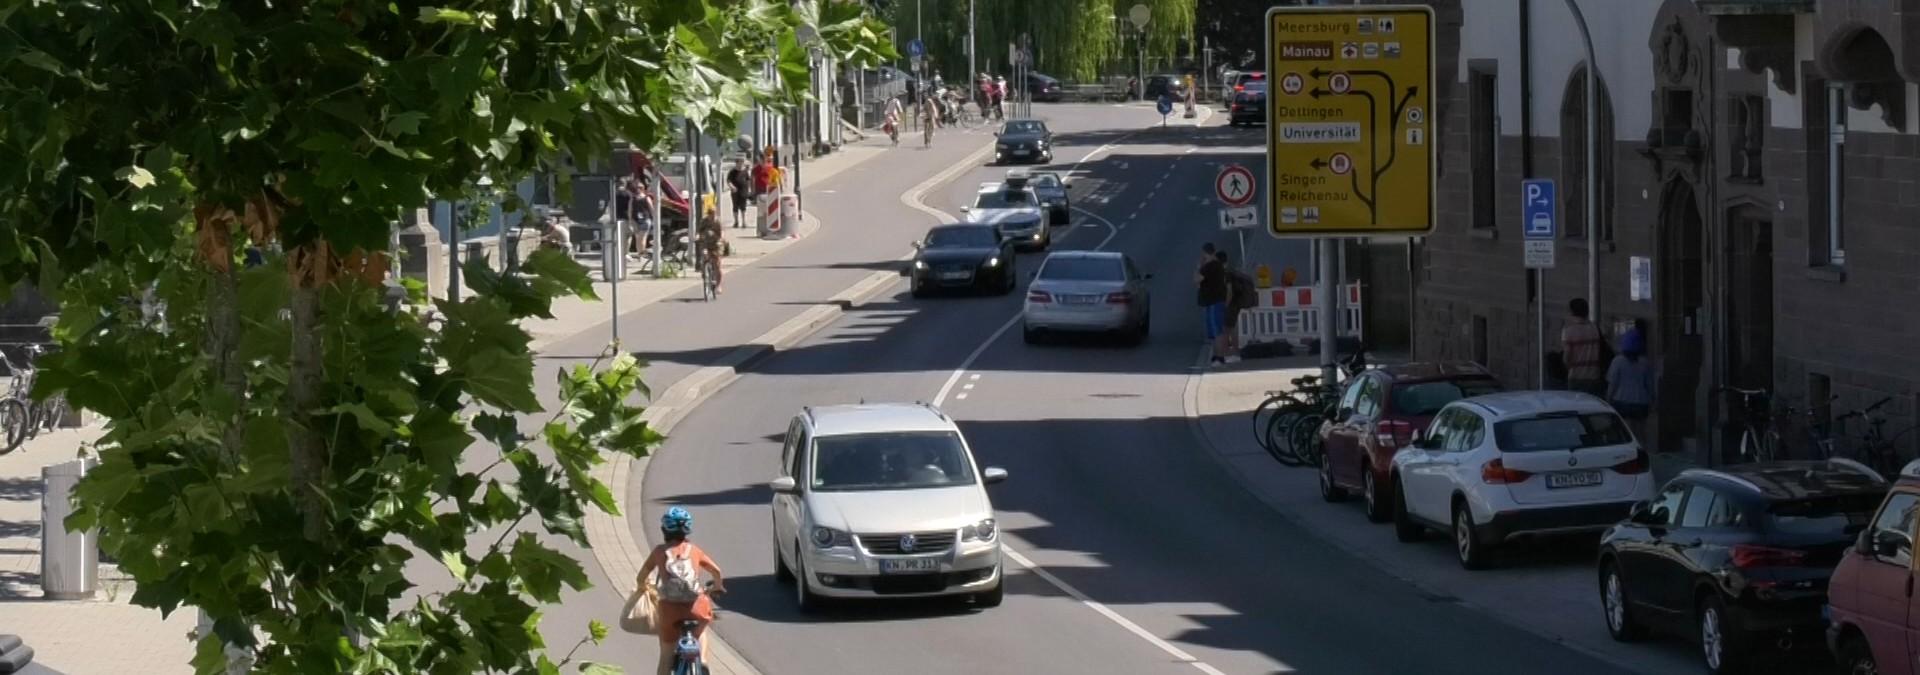 Konstanz geht die Mobilitätswende an